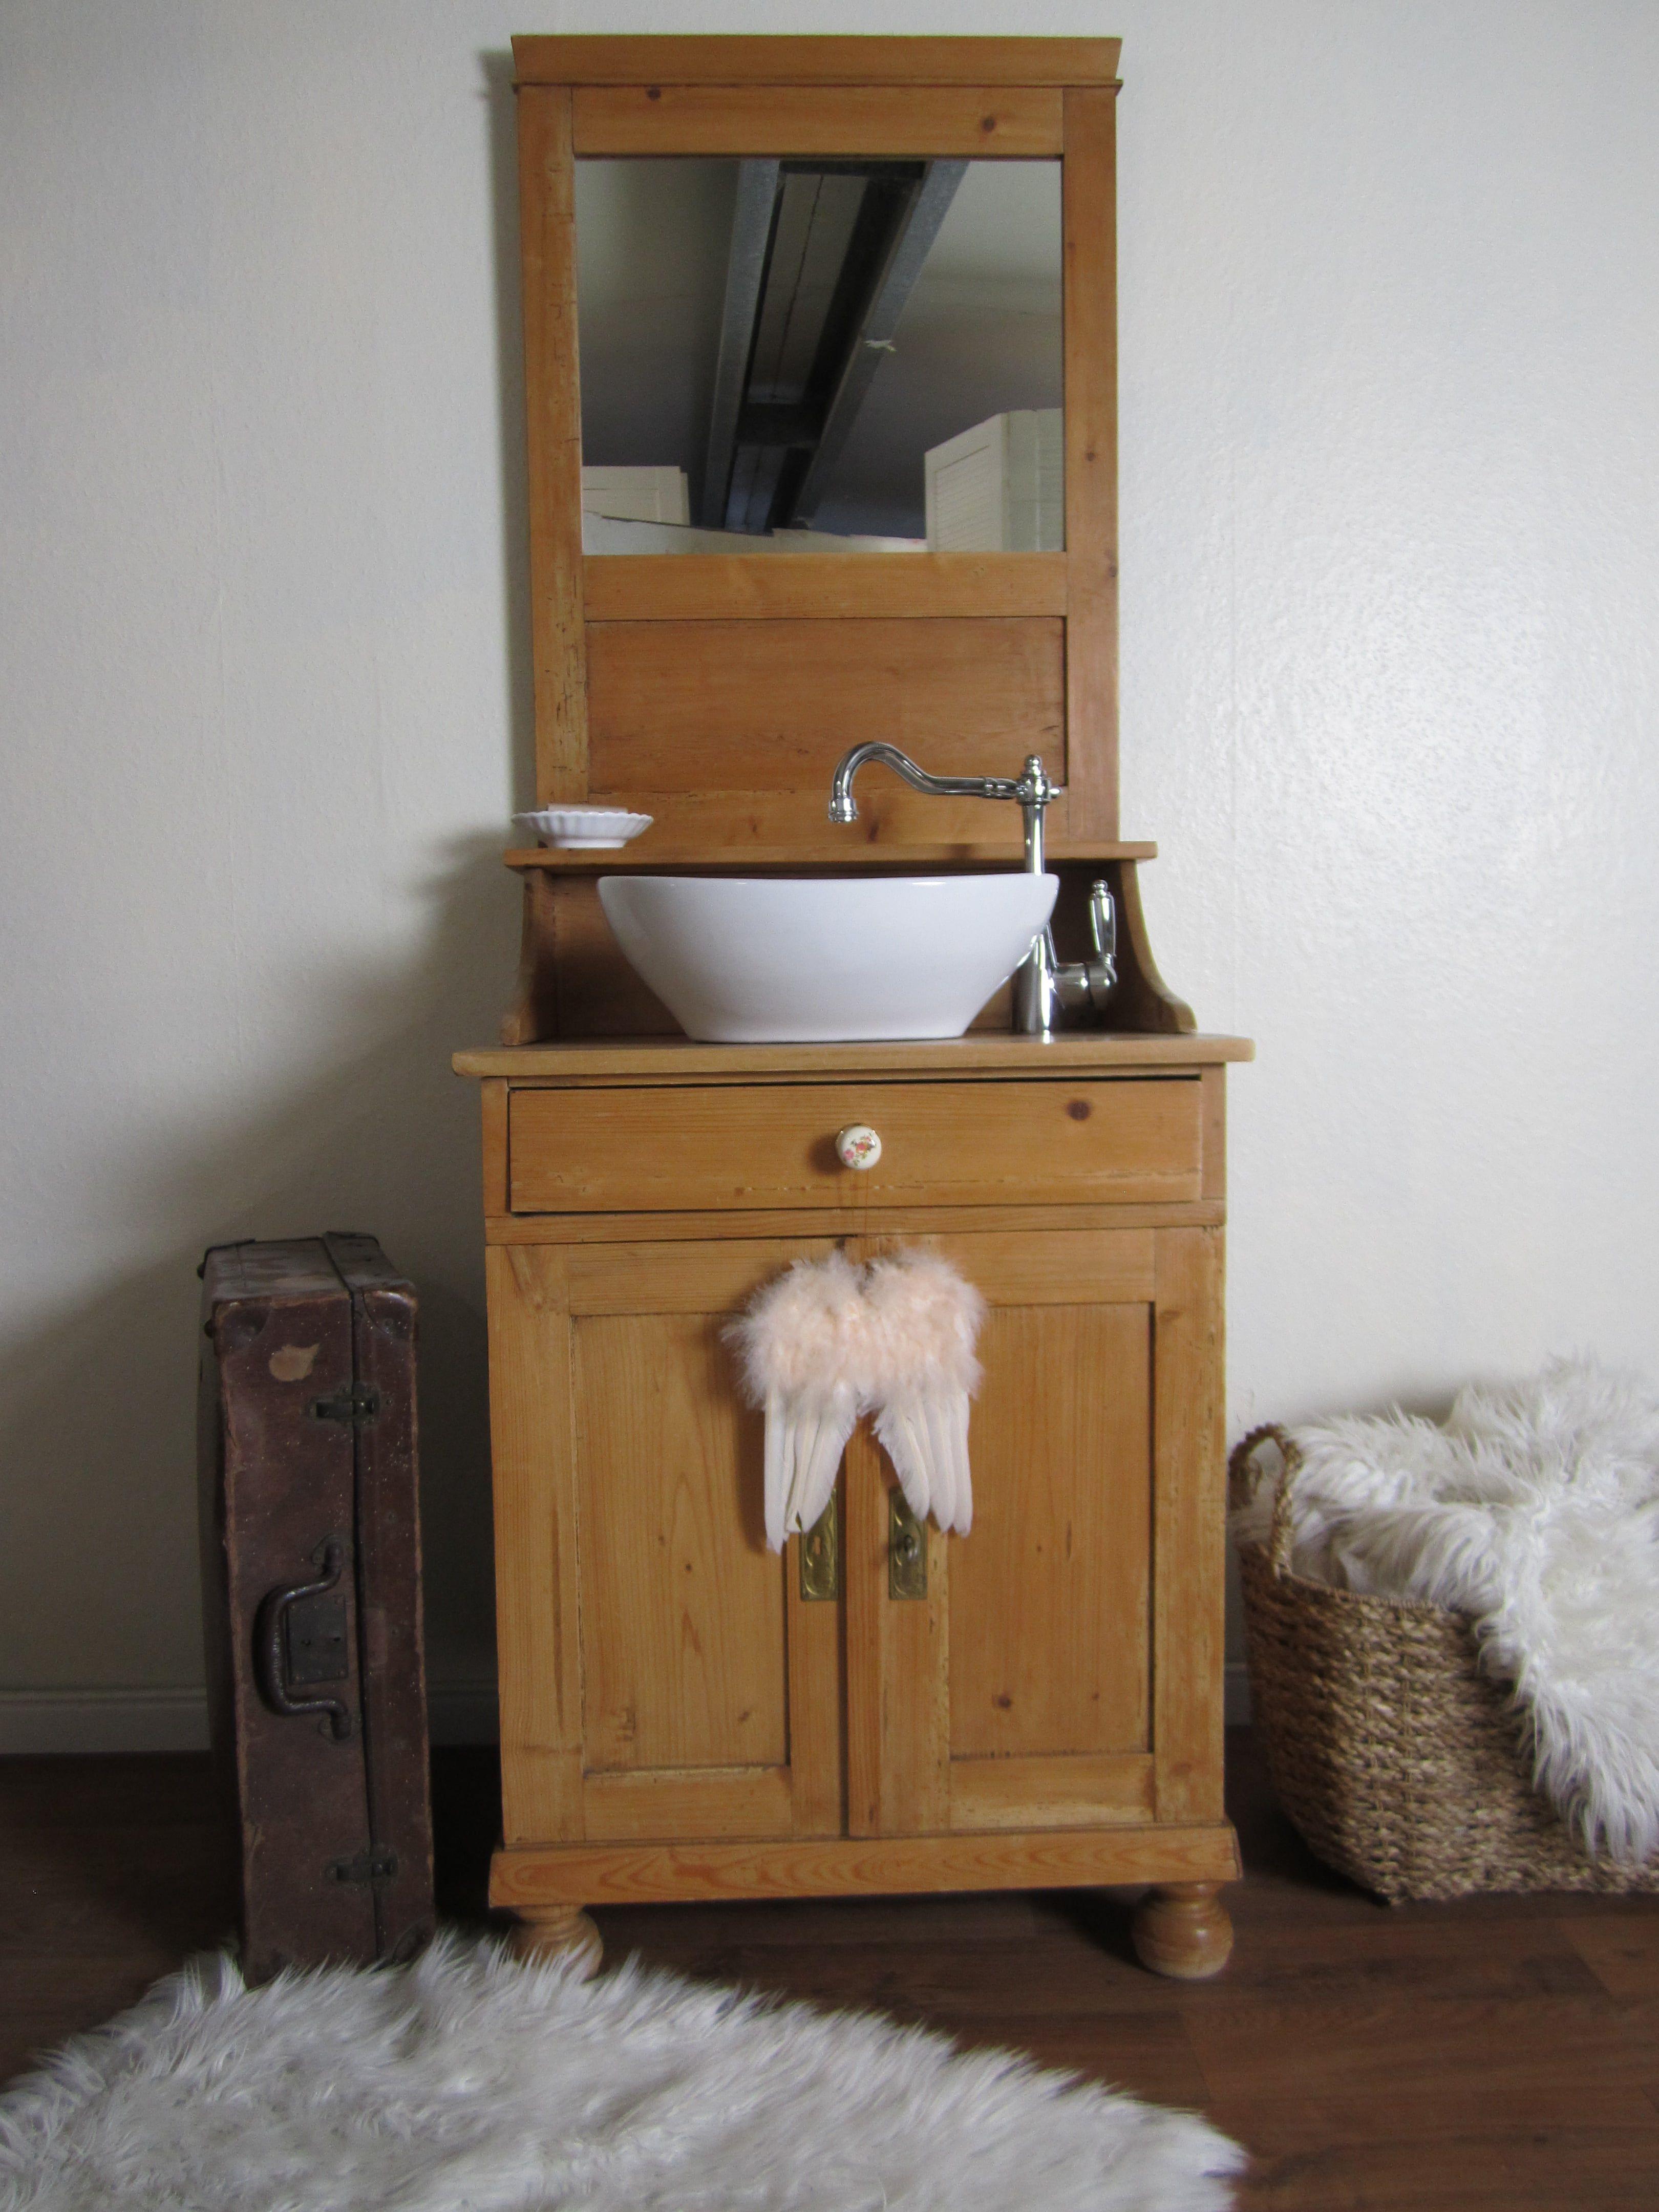 Ein Badmöbel antik im elganten Design versprüht Lis élégant – Ein ...